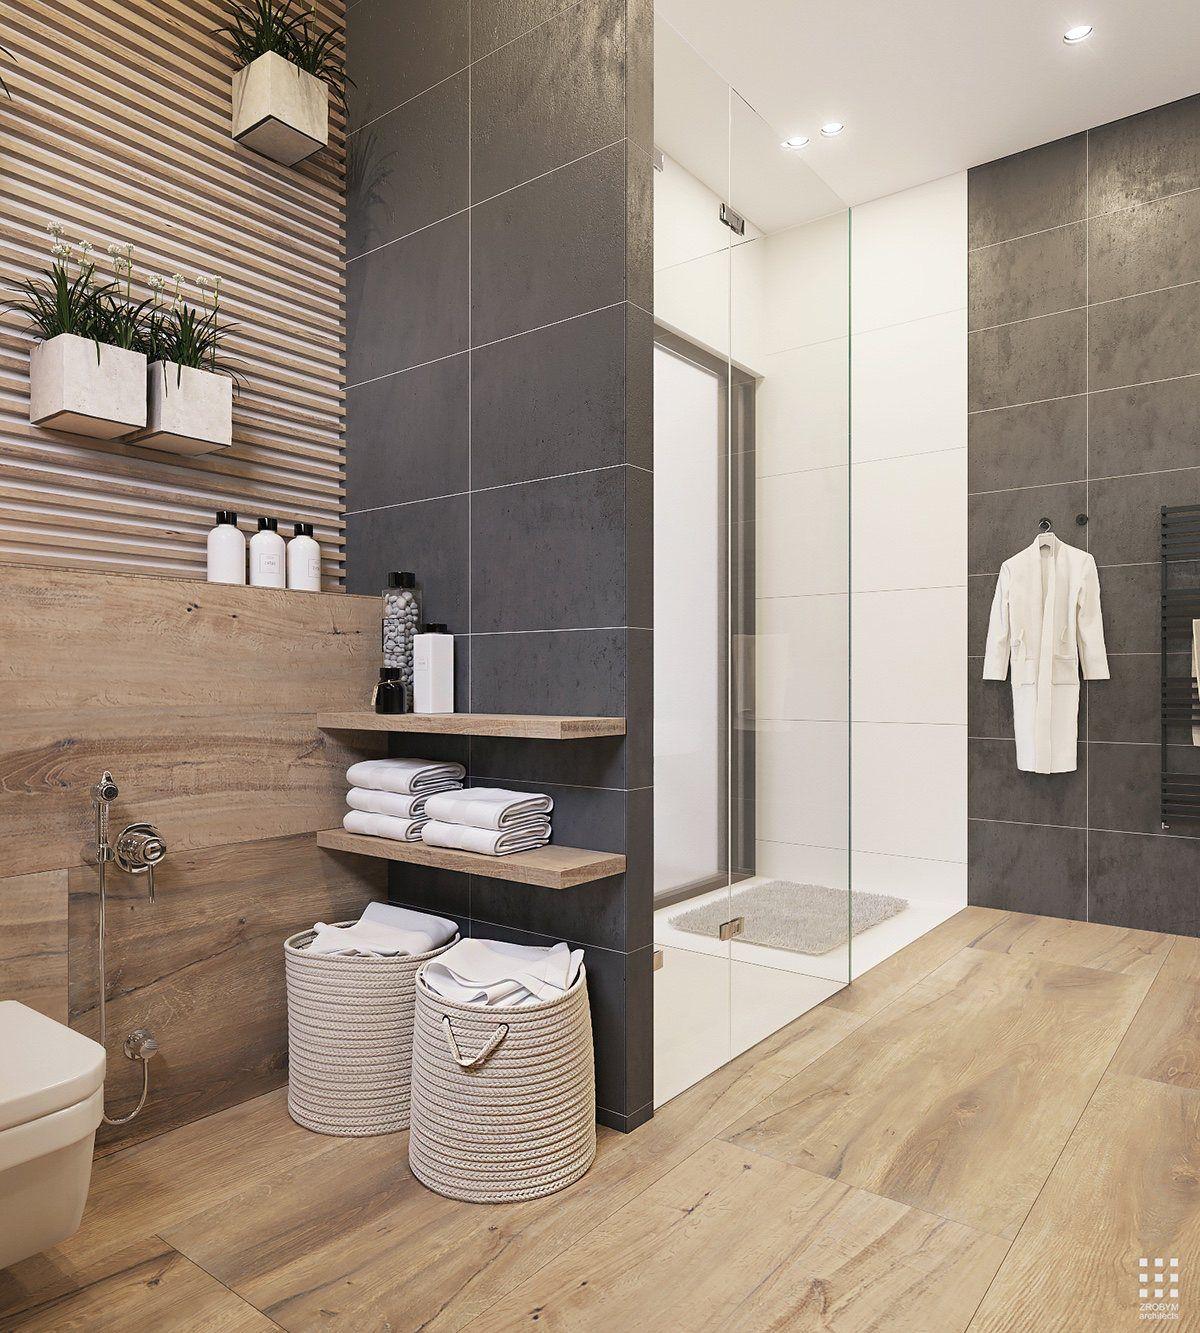 Idées déco] Décorer sa salle de bain avec du bois | Cocon ...